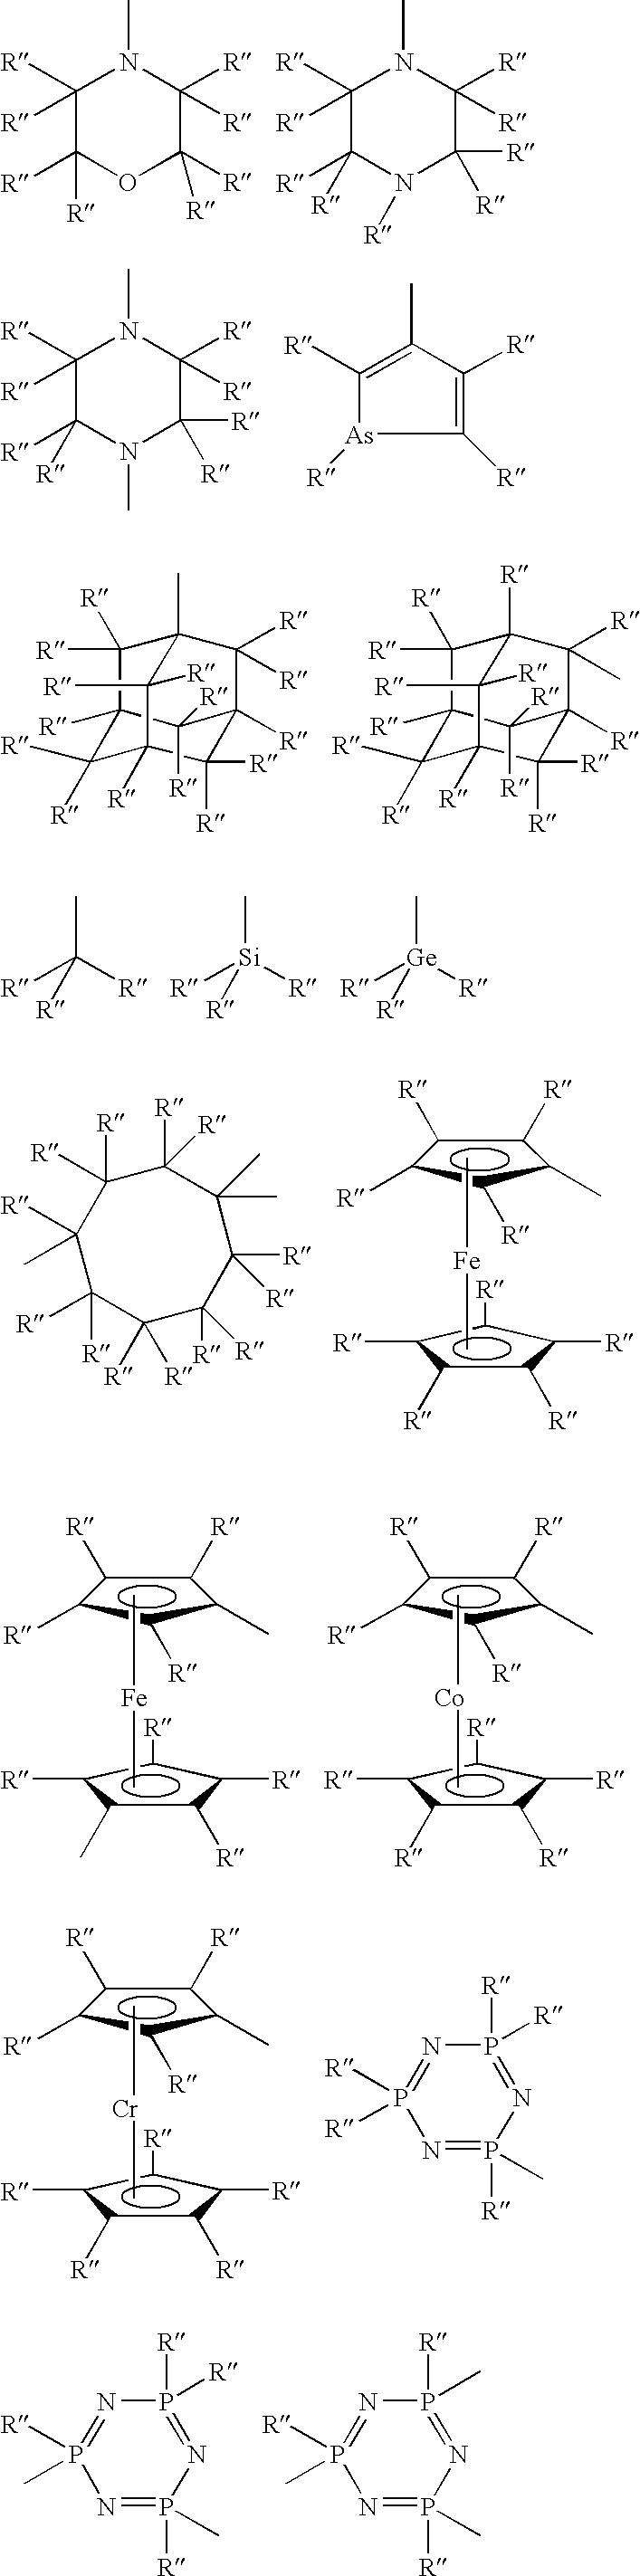 Figure US07199255-20070403-C00025